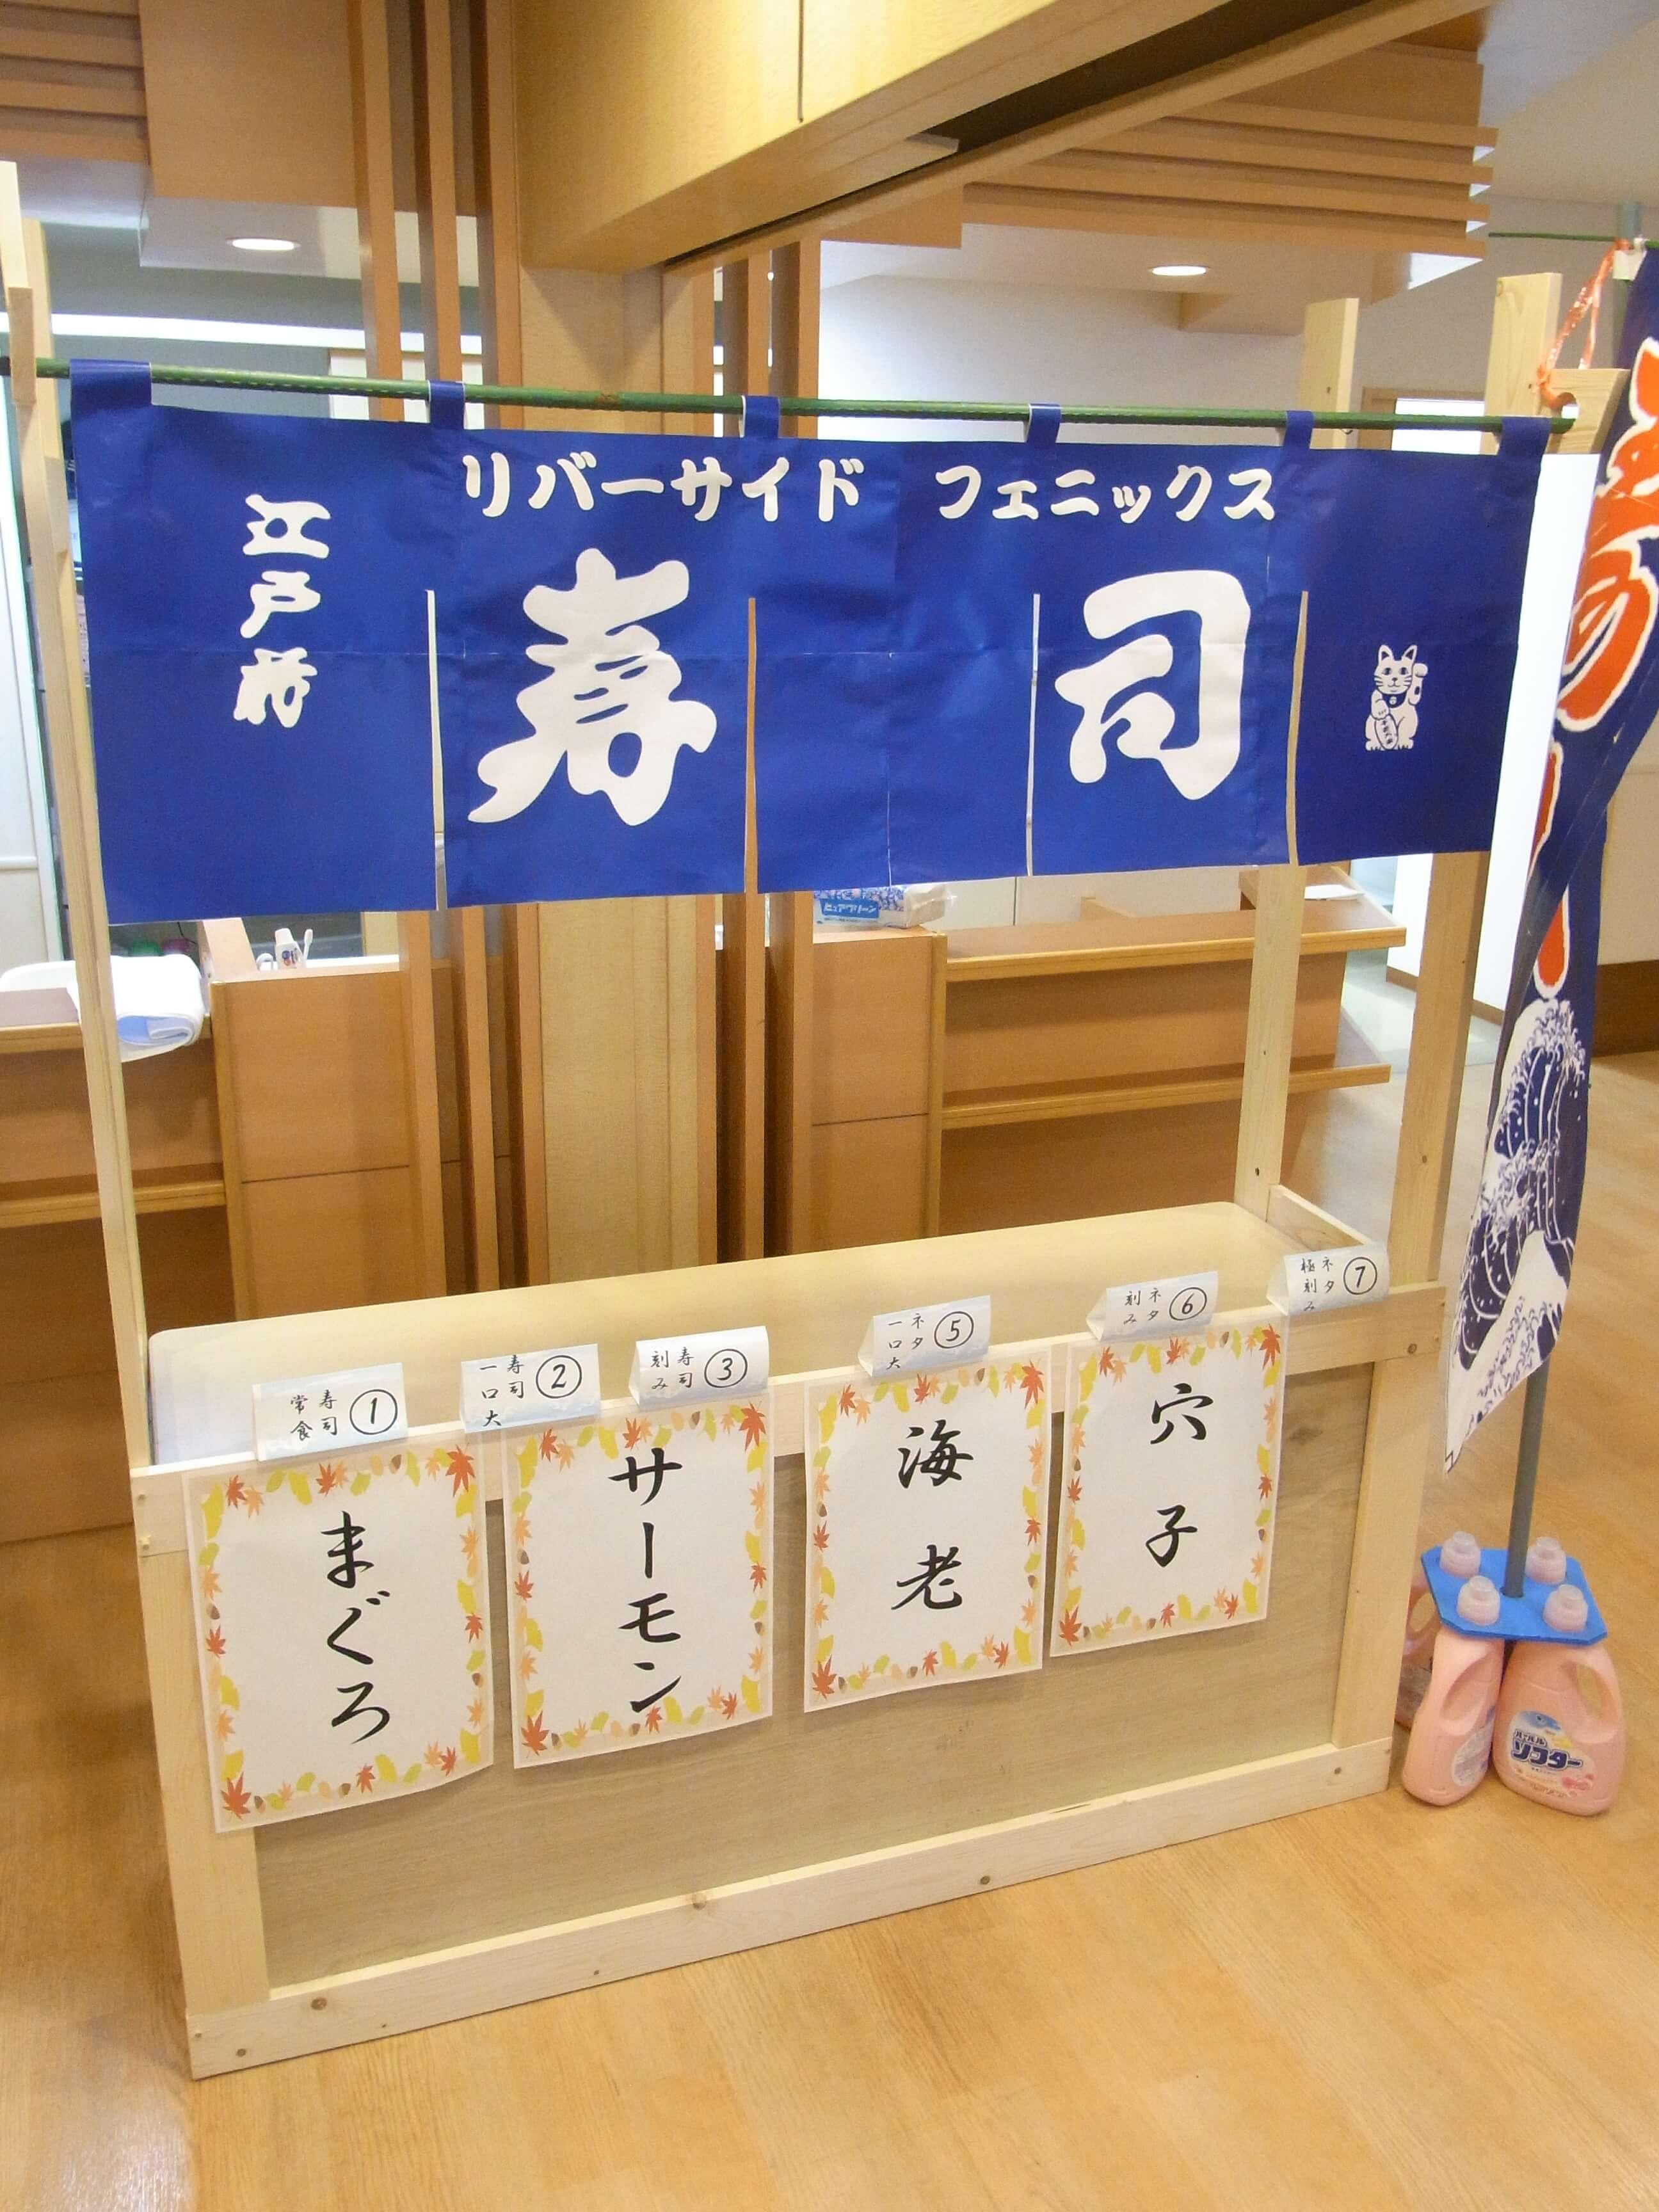 手作りの屋台やのぼりを準備し、寿司屋の雰囲気を演出しました。